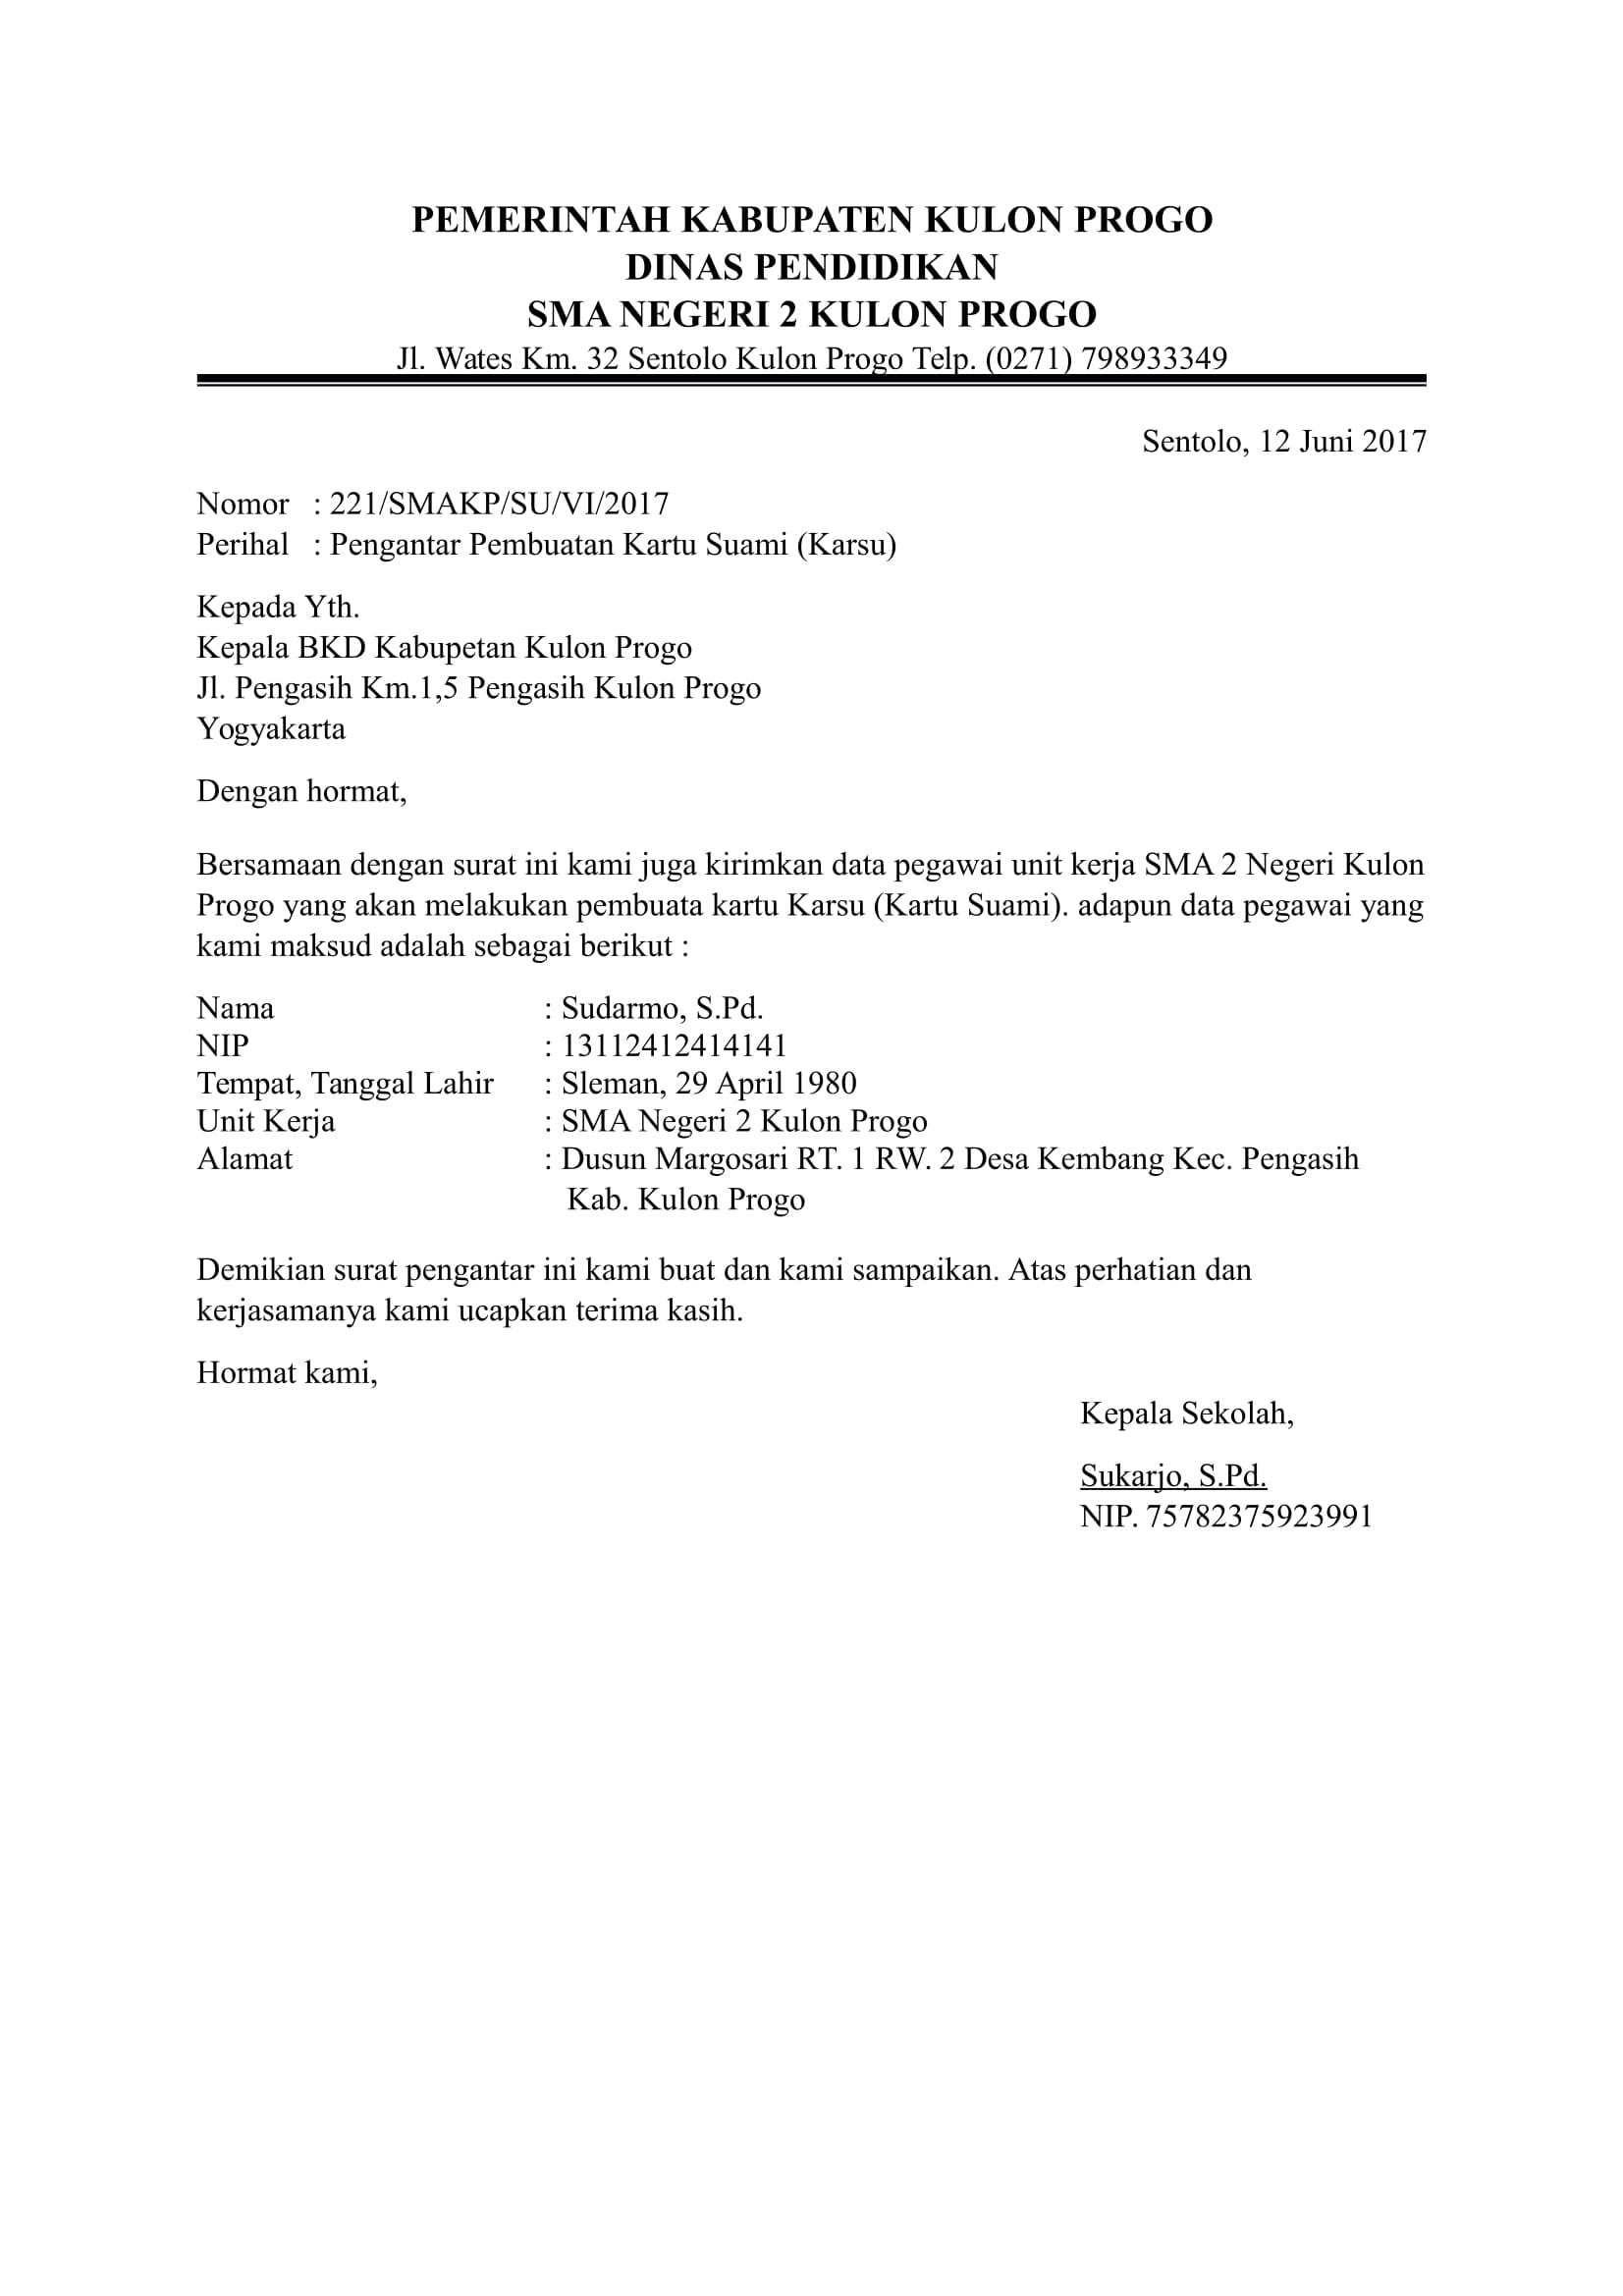 Surat Undangan Formal Dalam Bahasa Inggris